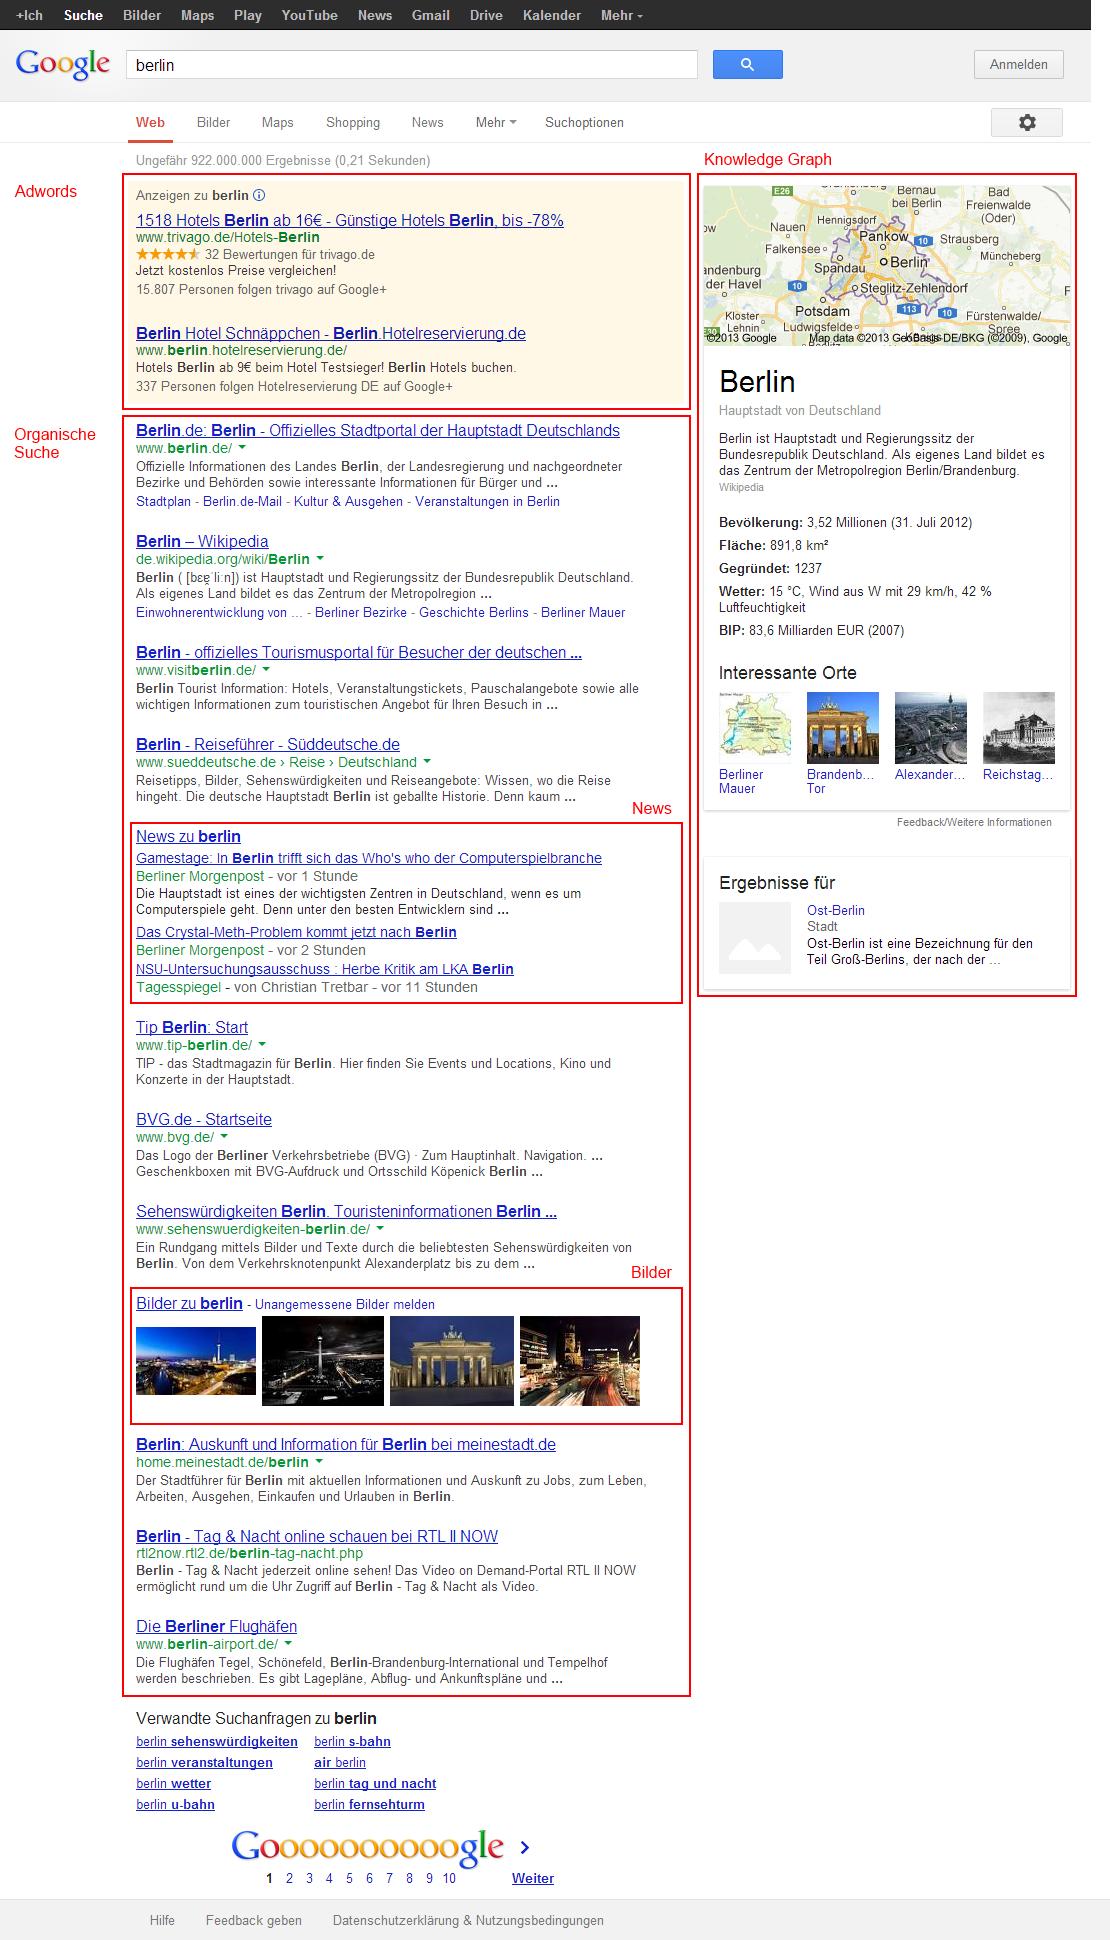 Segmentierung nach Ergebnistypen und Elementen in den Suchergebnisseiten von Google